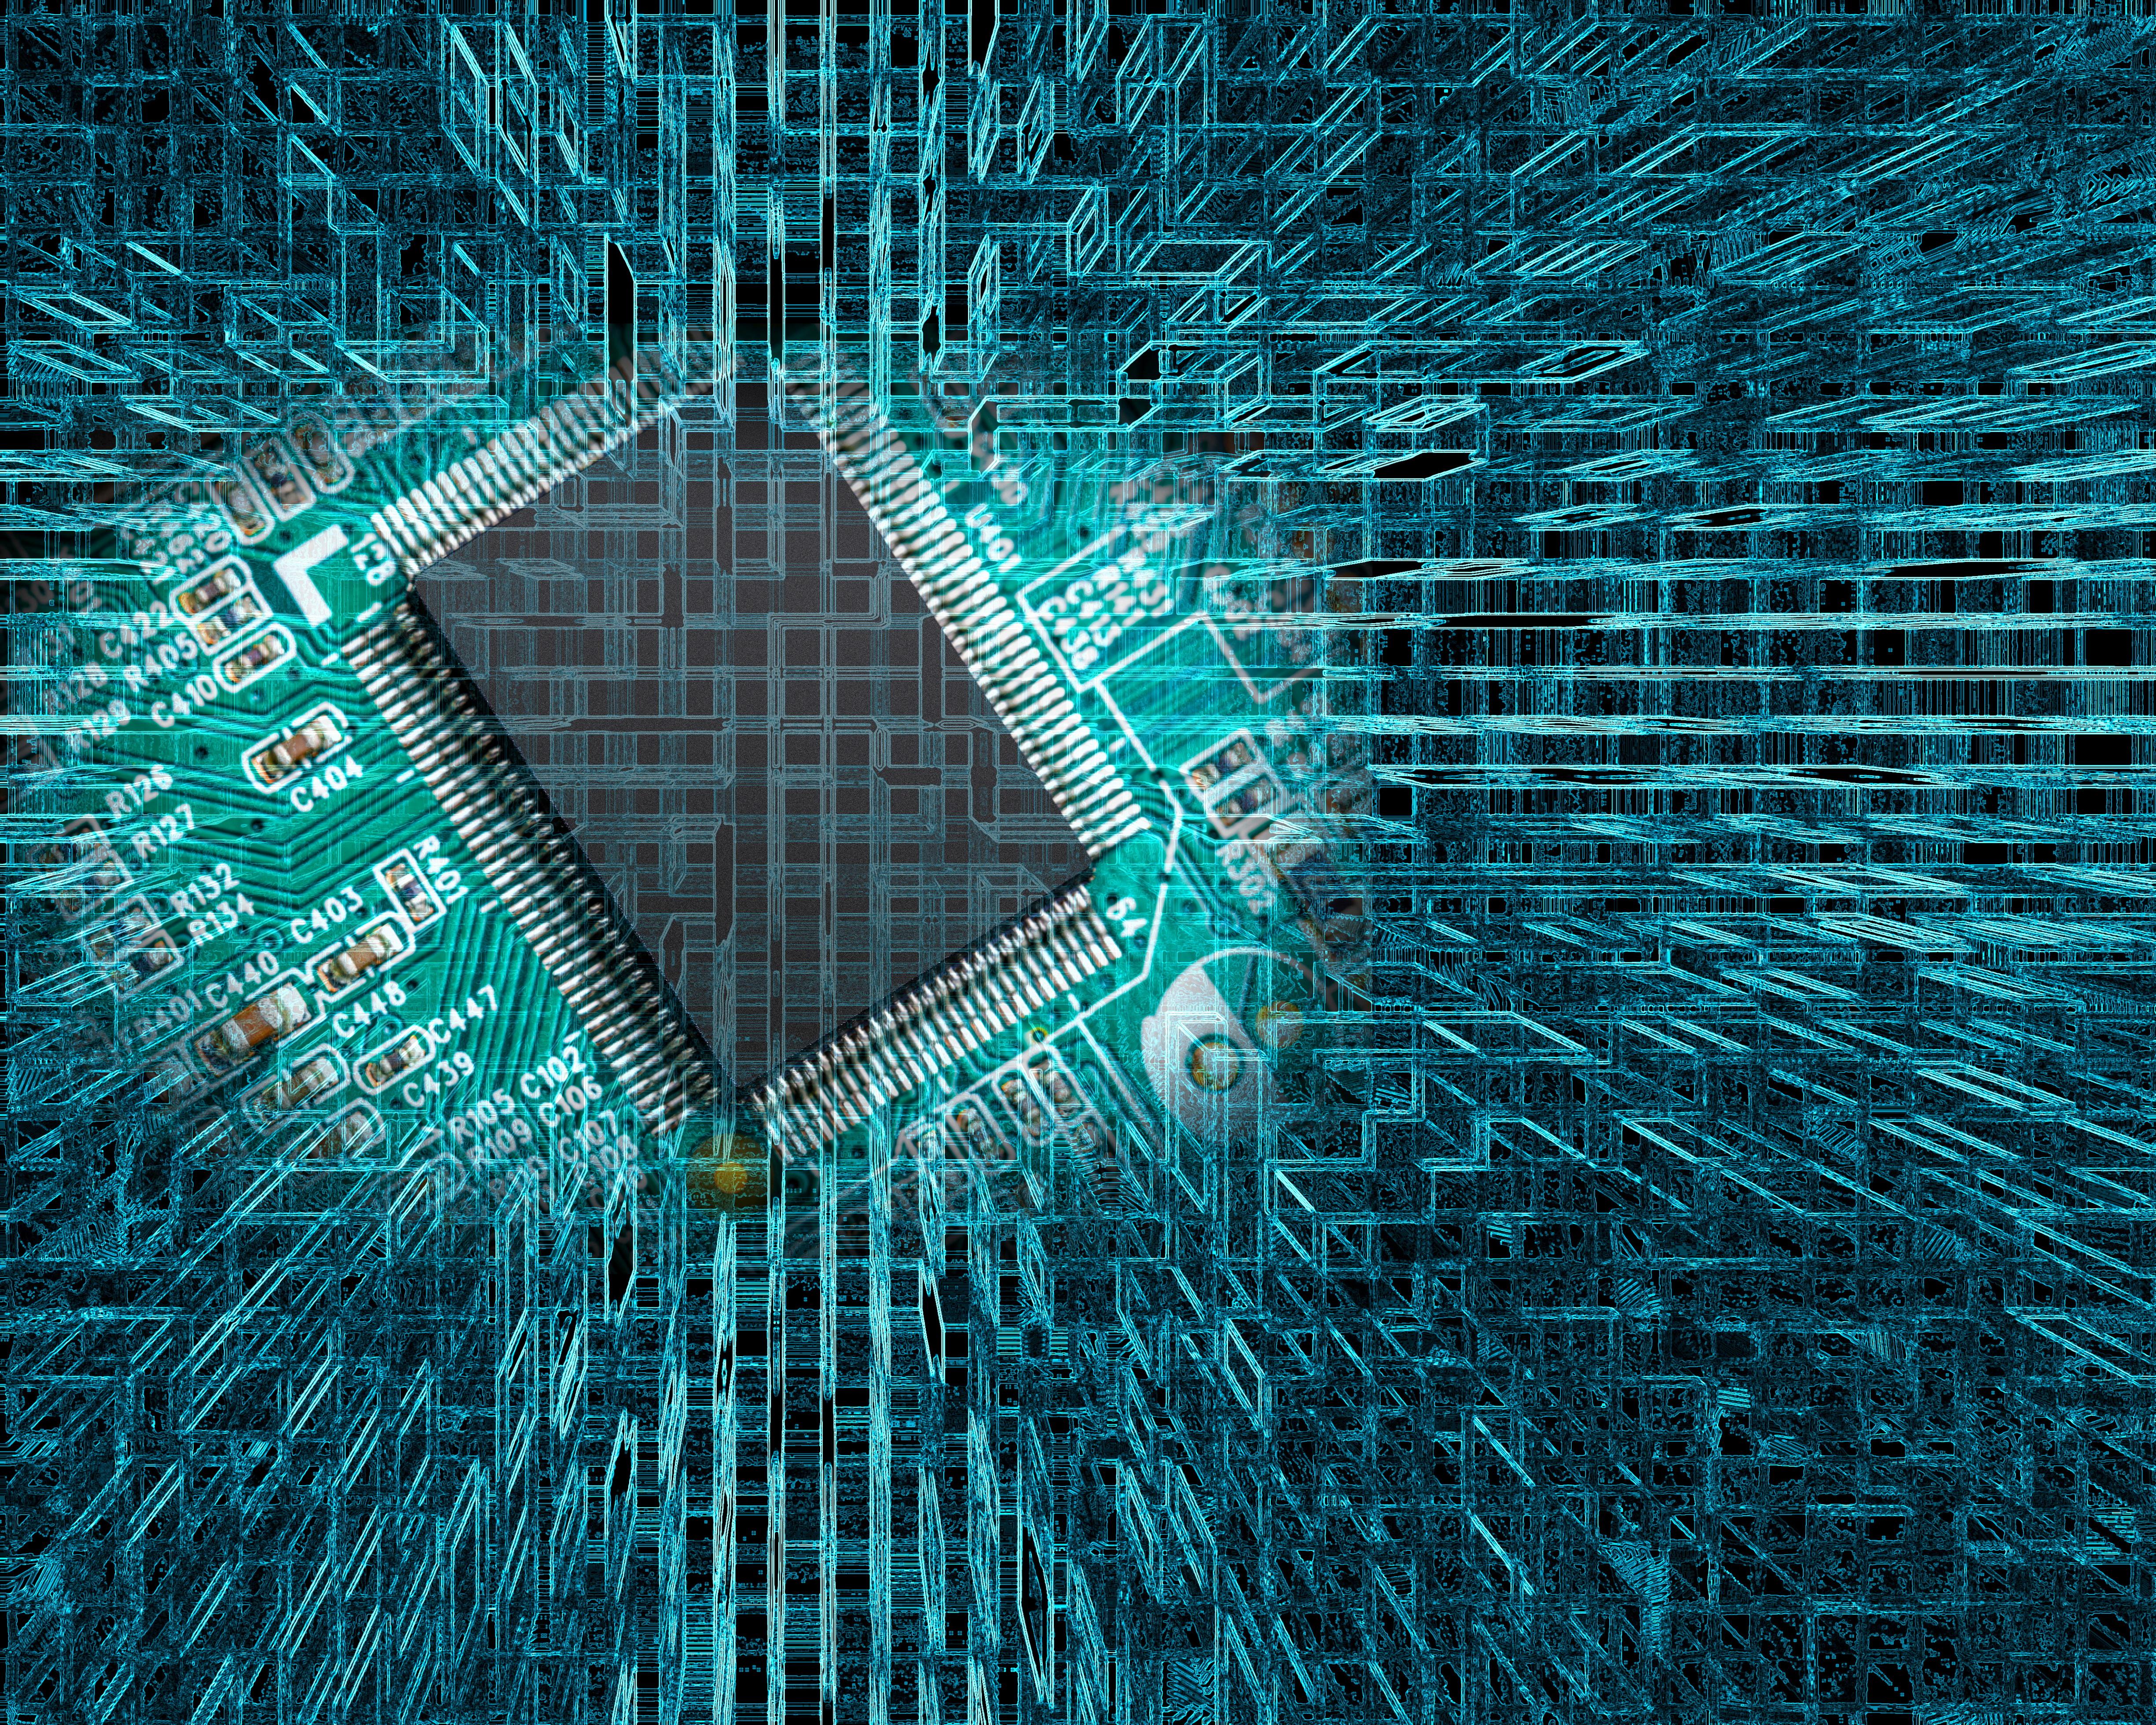 big data sendo tratado e organizado